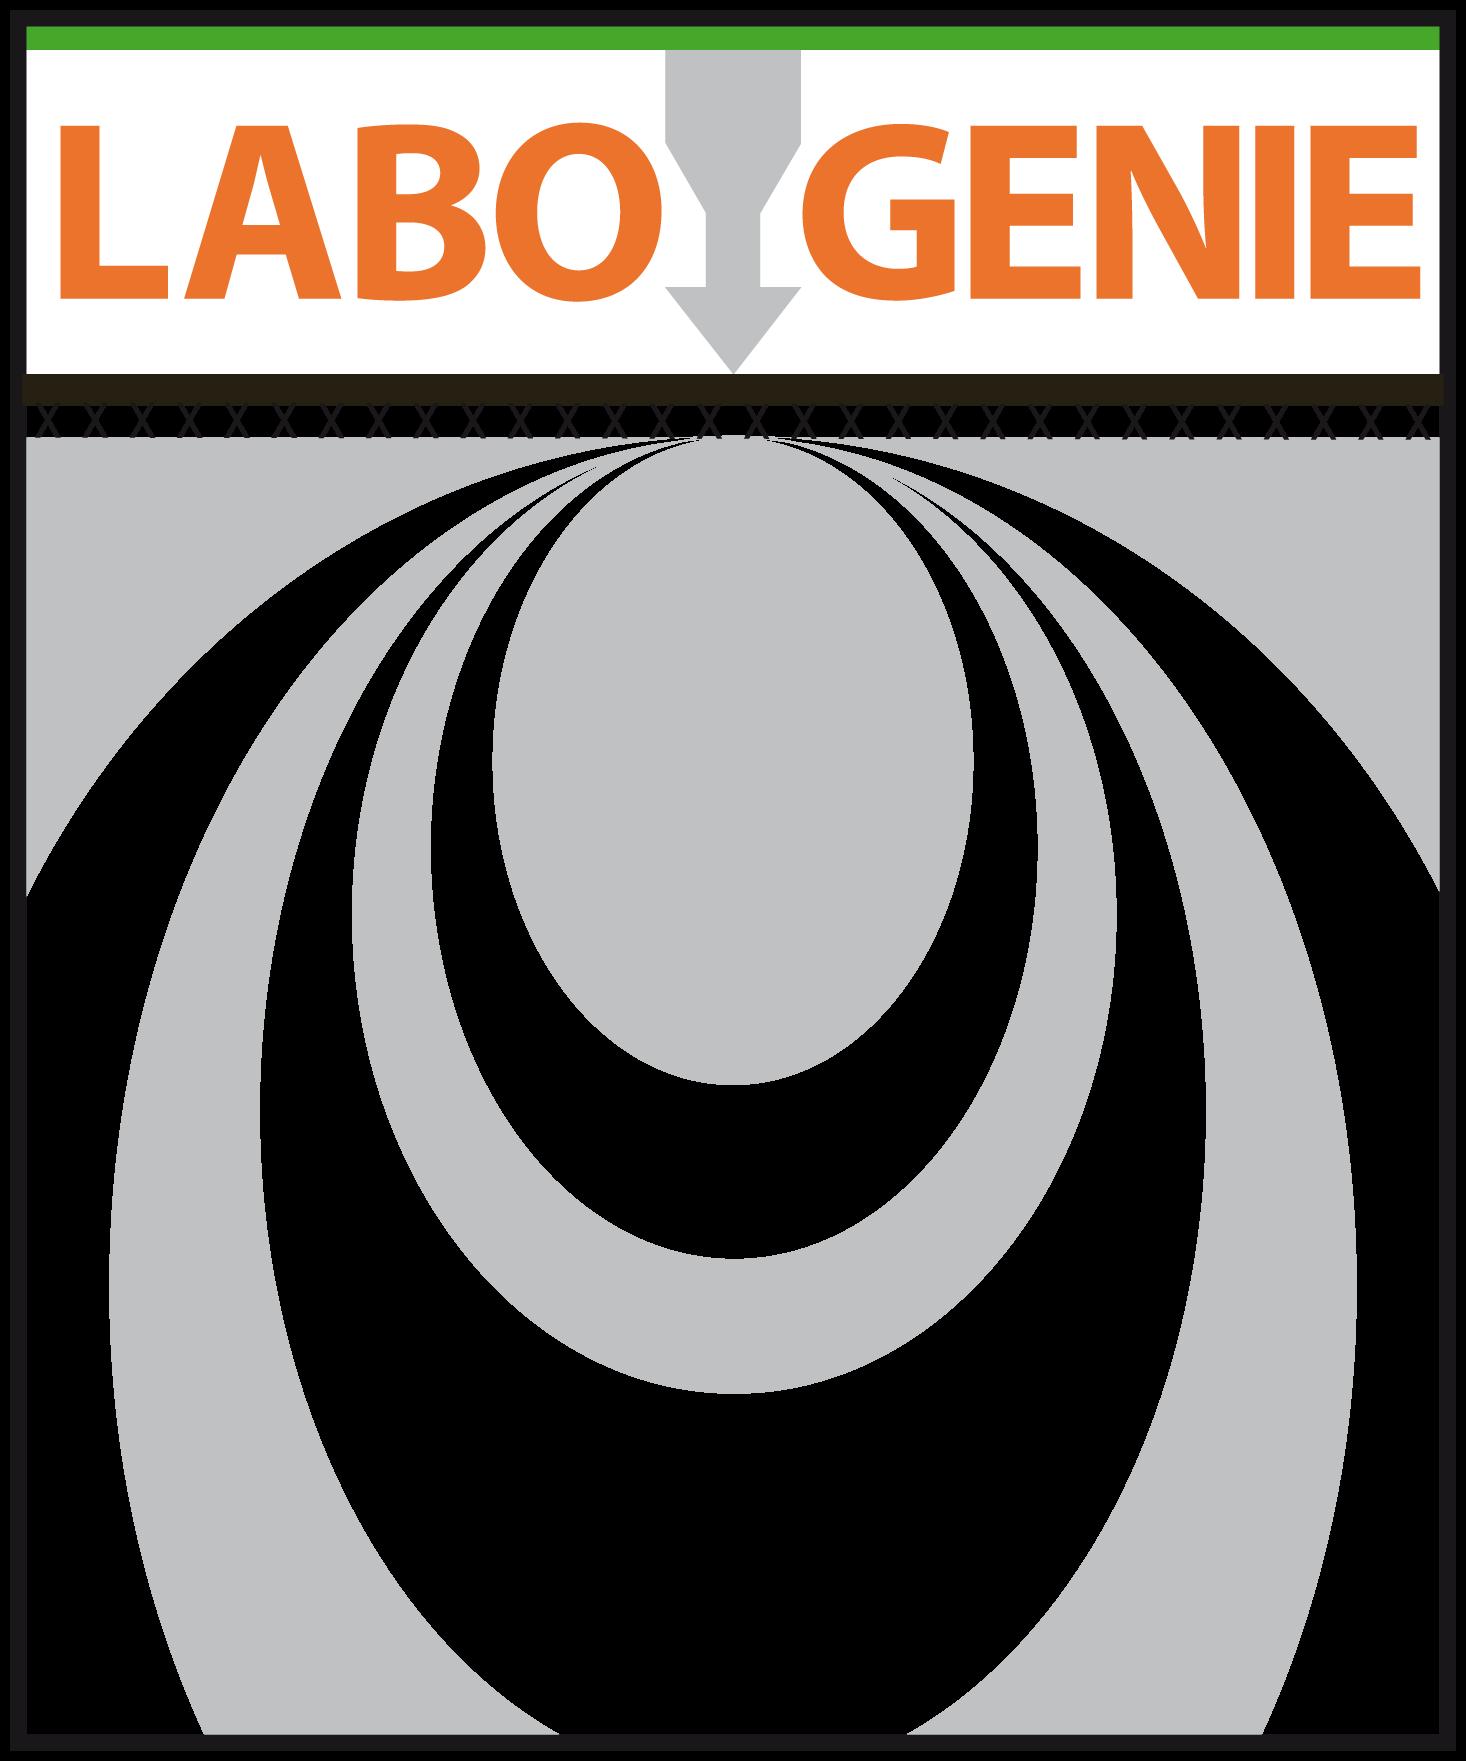 Logo LABOGENIE